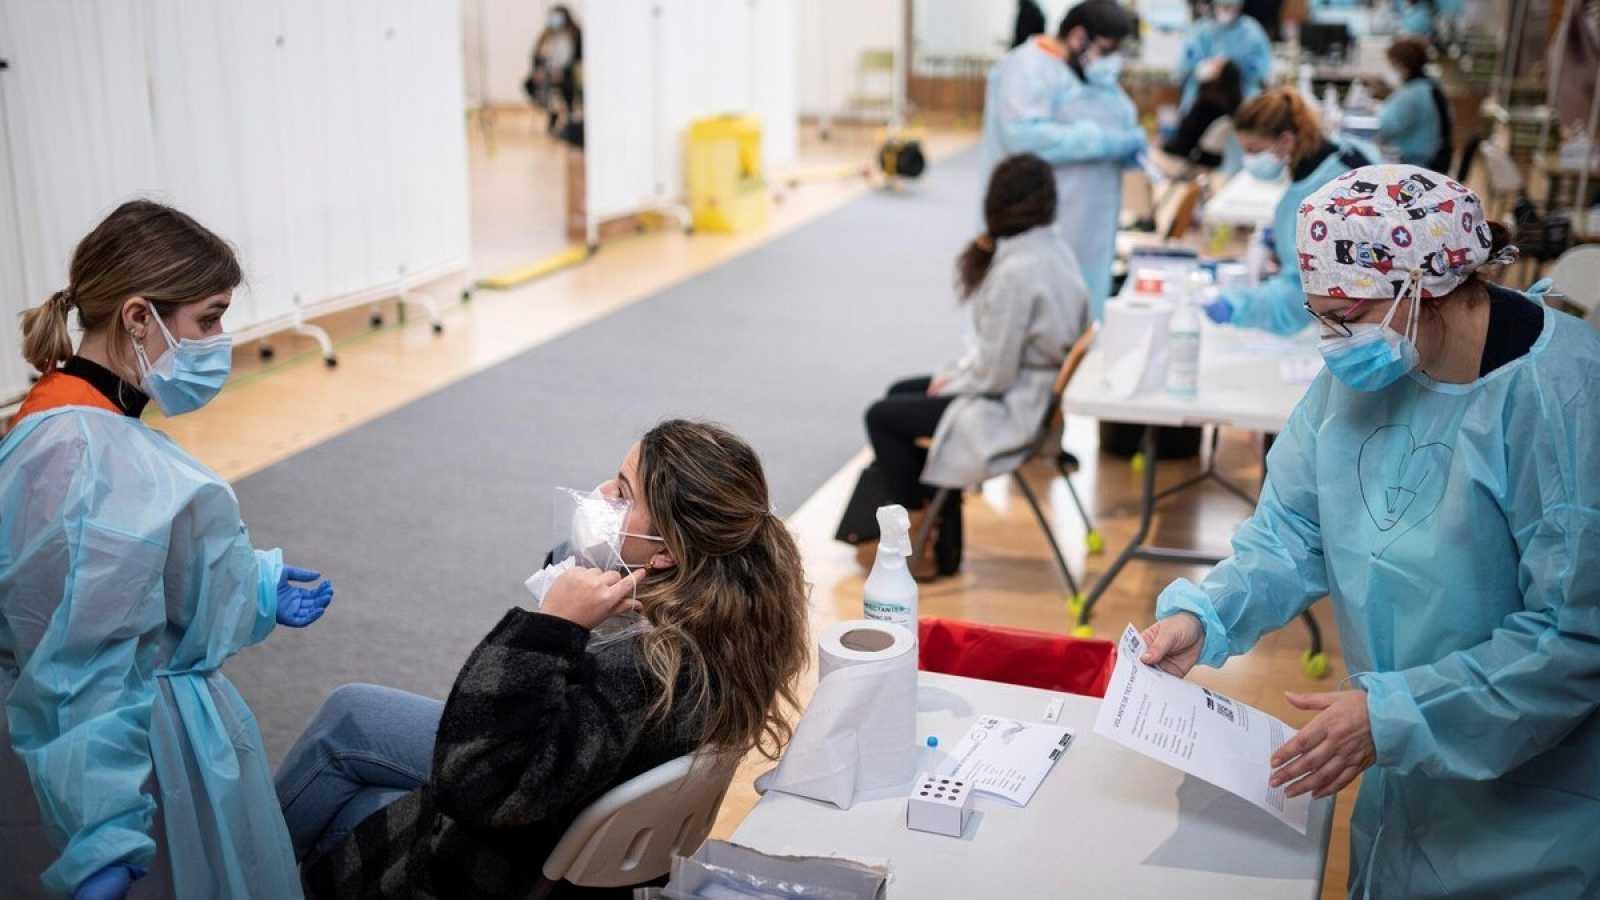 España notifica 40,285 contagios y 492 muertes más con récord de incidencia